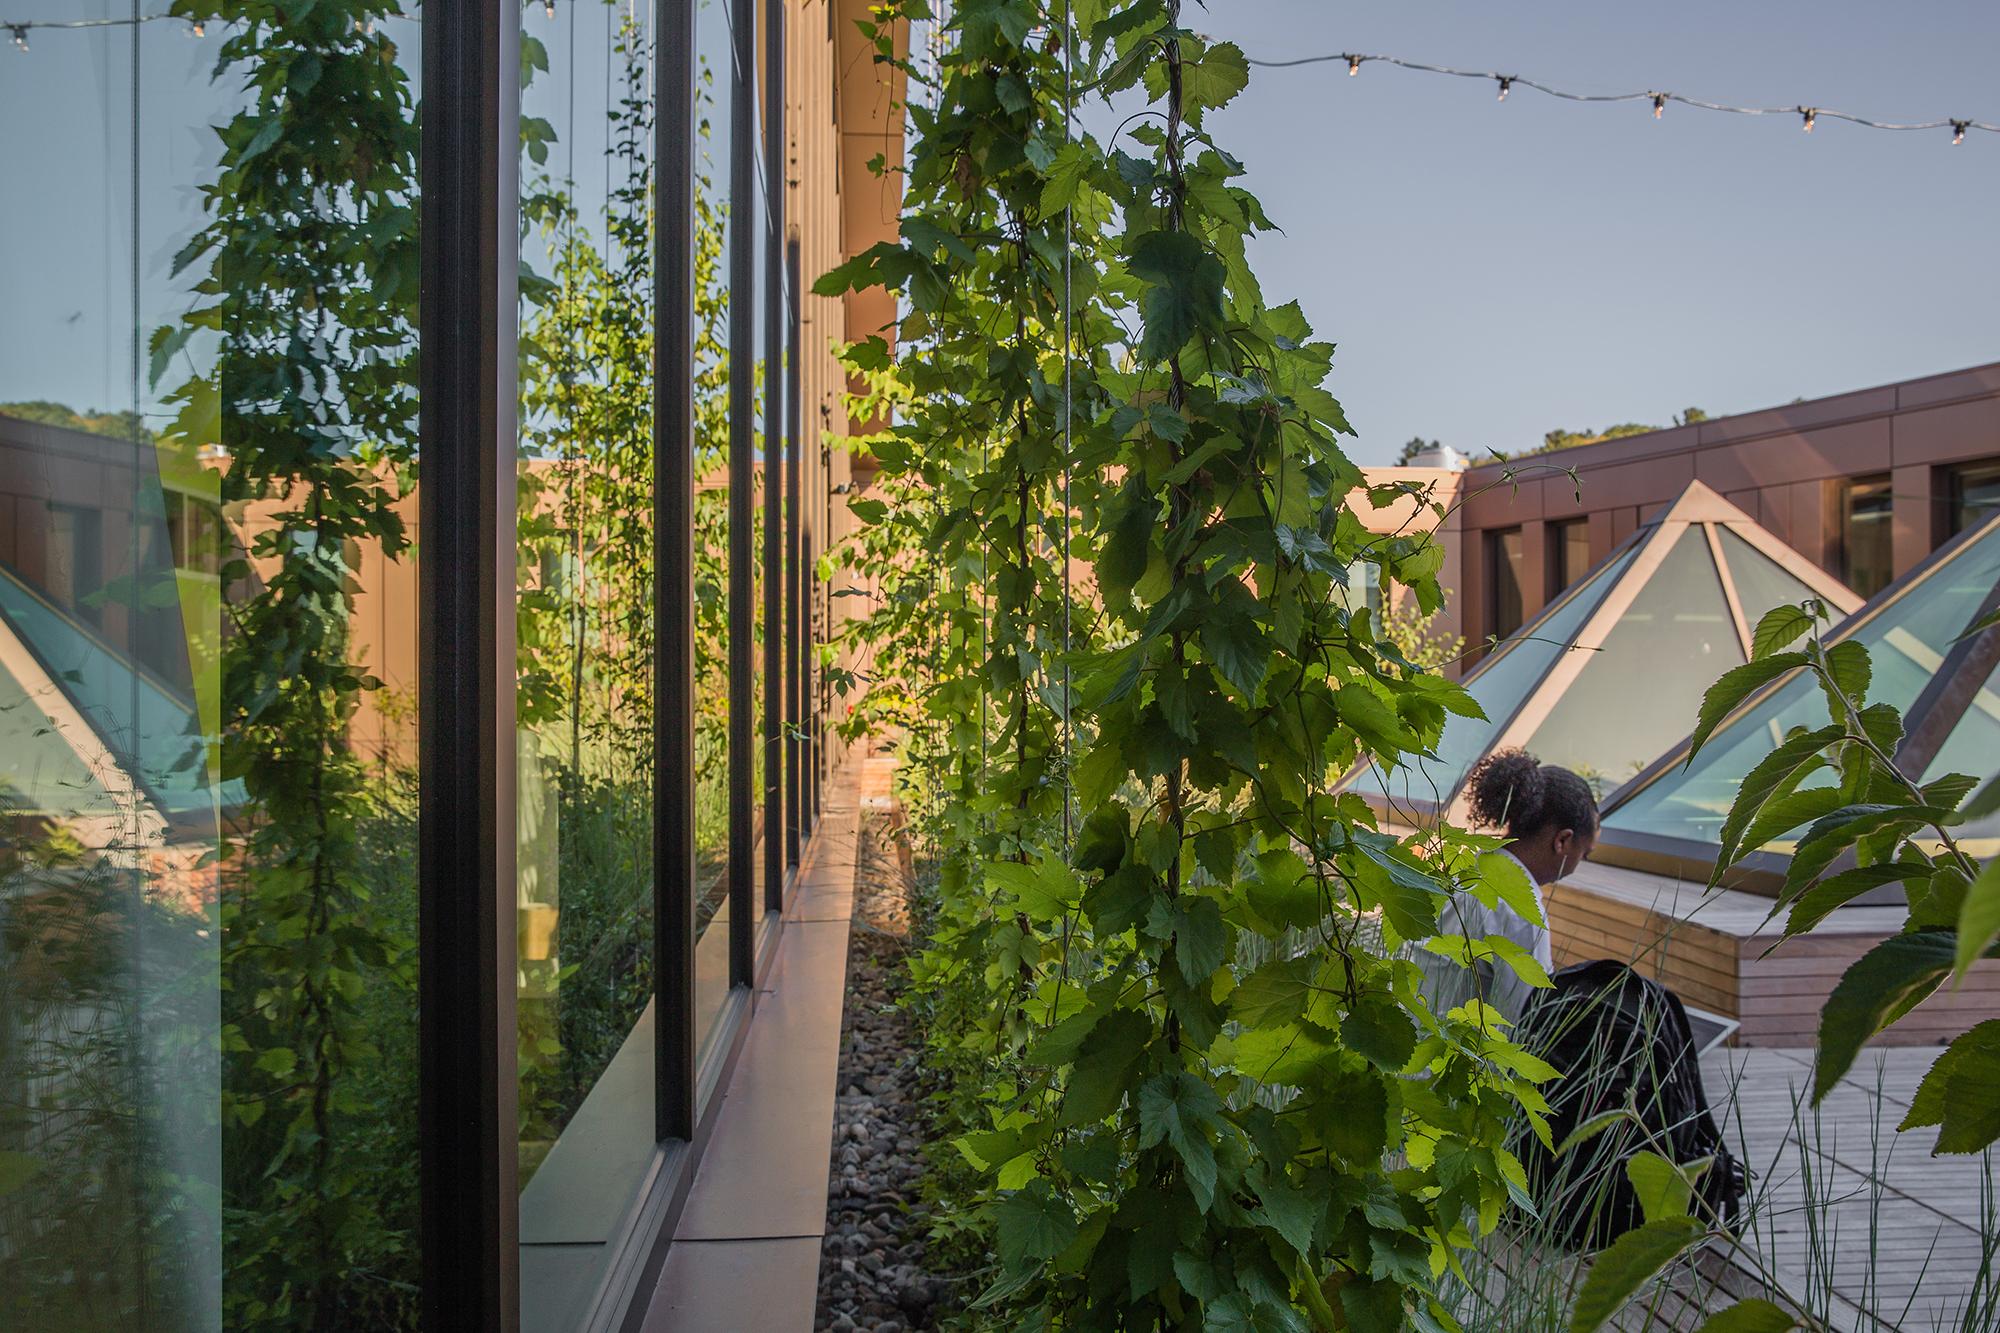 Hop Vines  UMass Design Building Amherst, MA